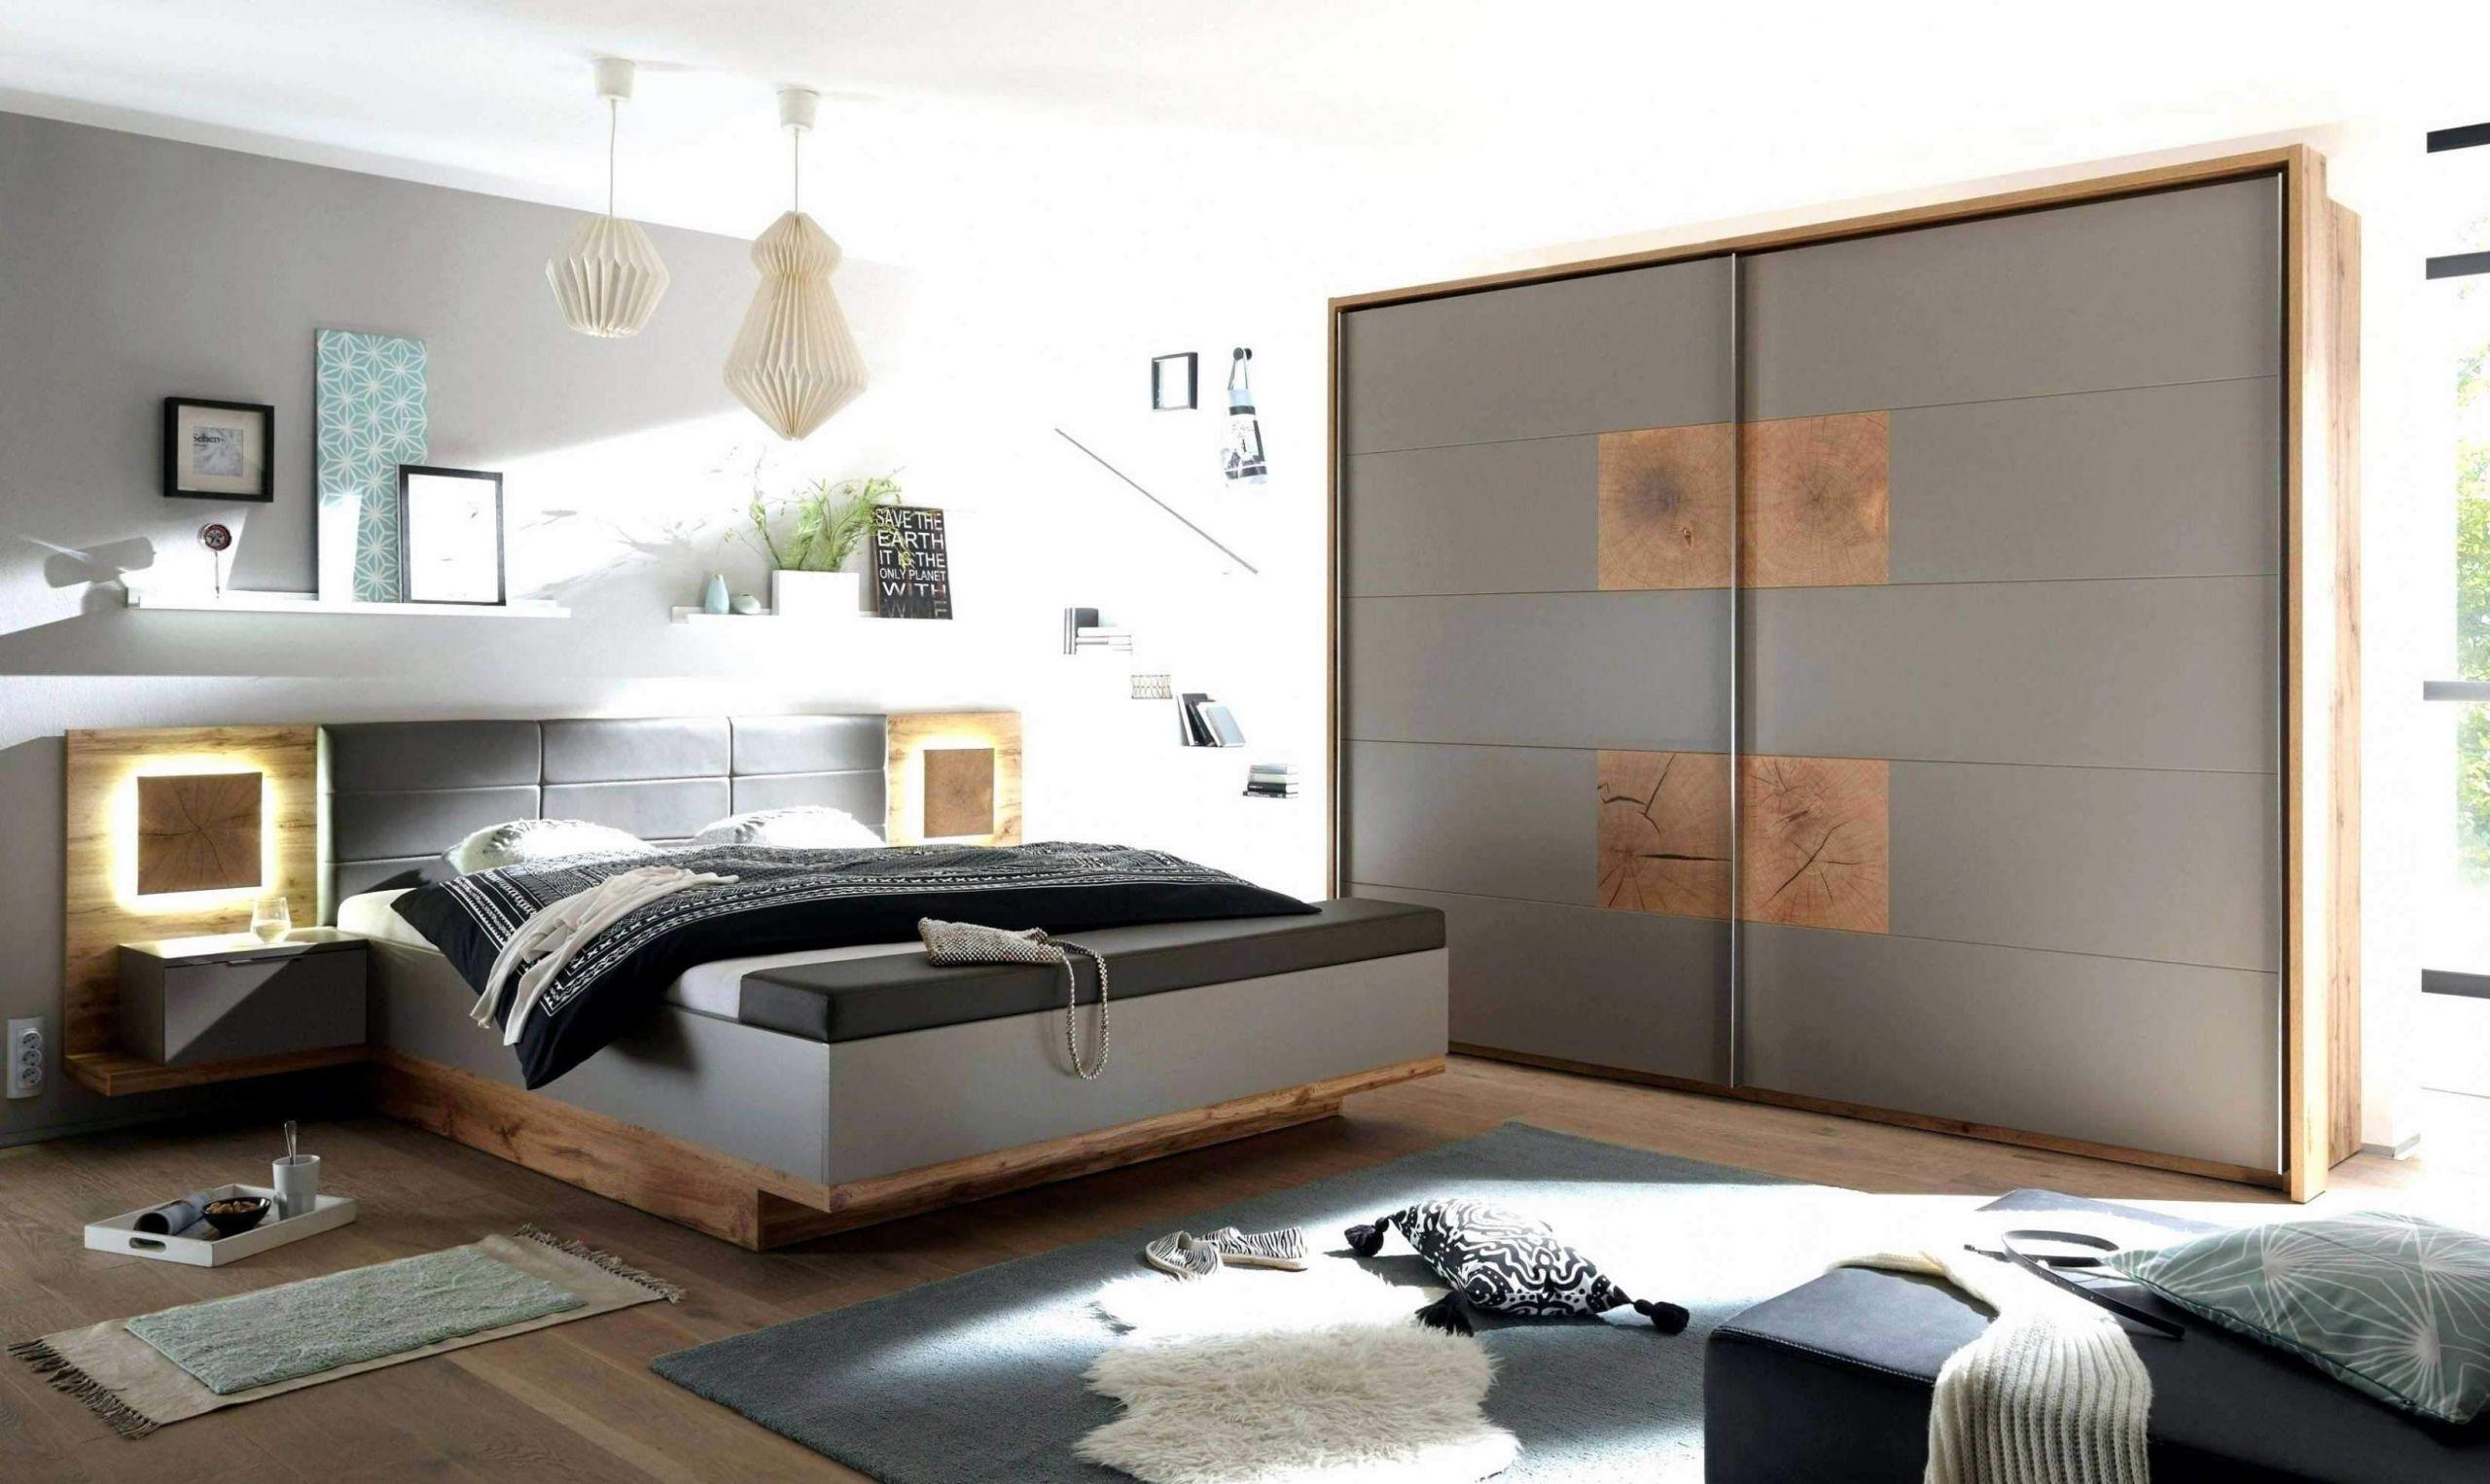 Full Size of Schlafzimmer Lampe Decke Wohnzimmer Elegant 37 Luxus Von Stehlampe Tischlampe Klimagerät Für Set Günstig Romantische Vorhänge Deckenlampe Deckenleuchte Schlafzimmer Schlafzimmer Lampe